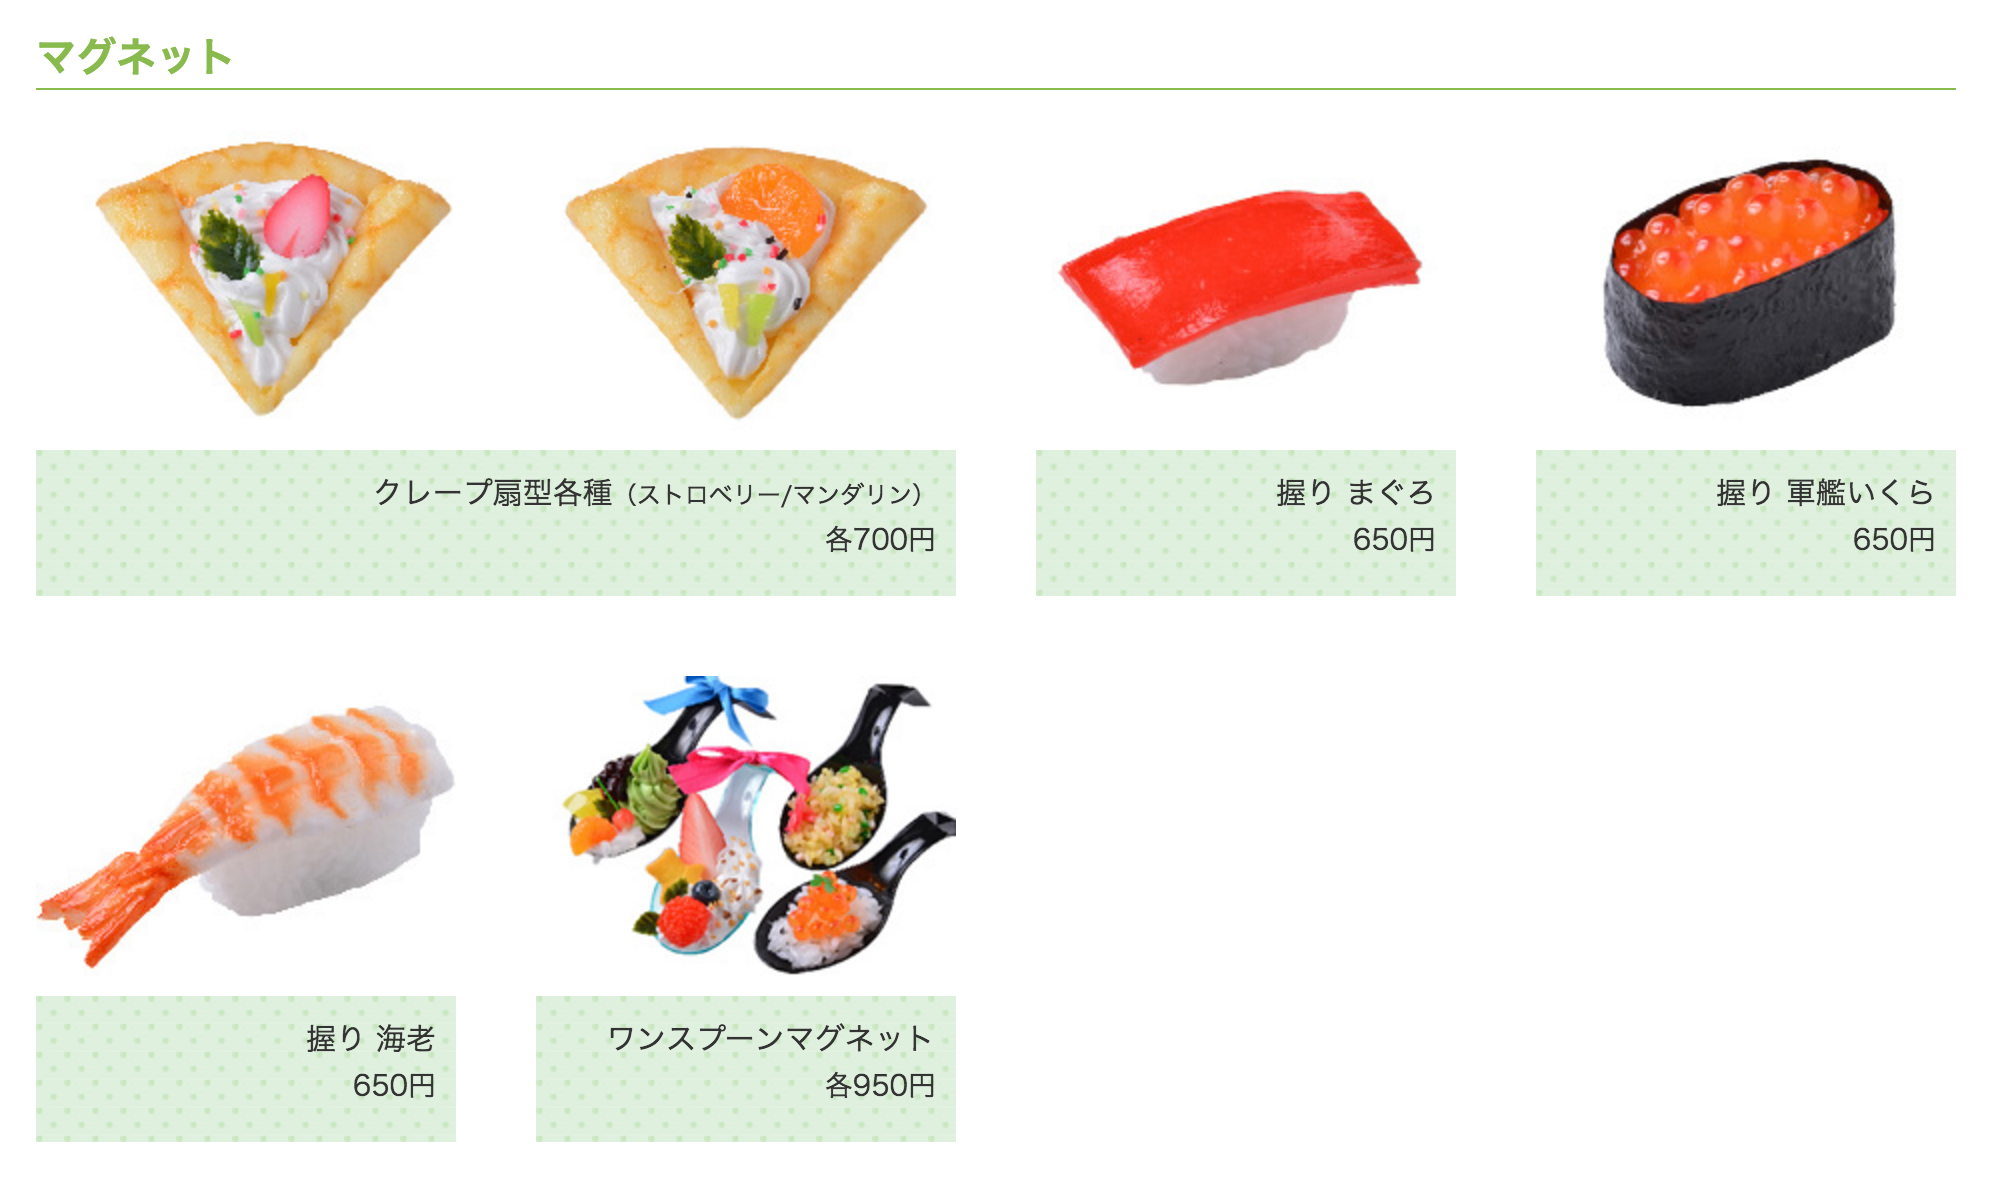 圖片來源:岩崎模型製造株式会社官方網站